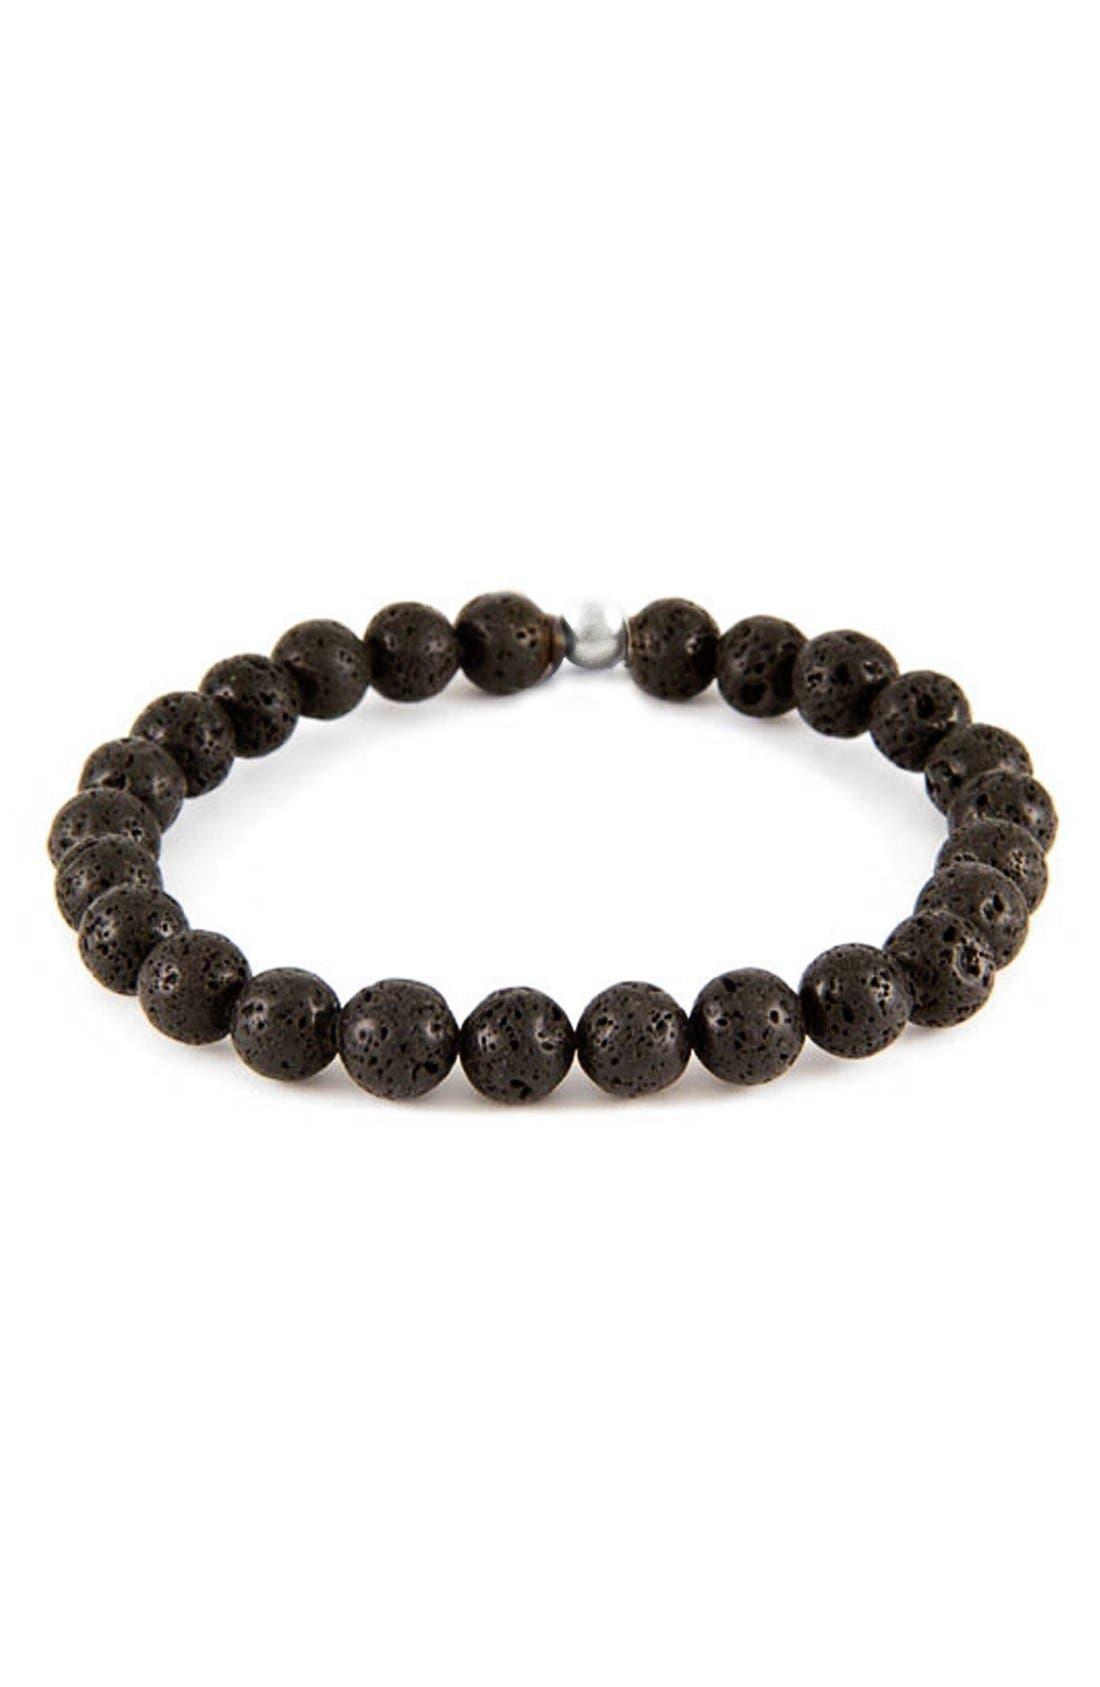 Lava Stone Bead Bracelet,                             Main thumbnail 1, color,                             001